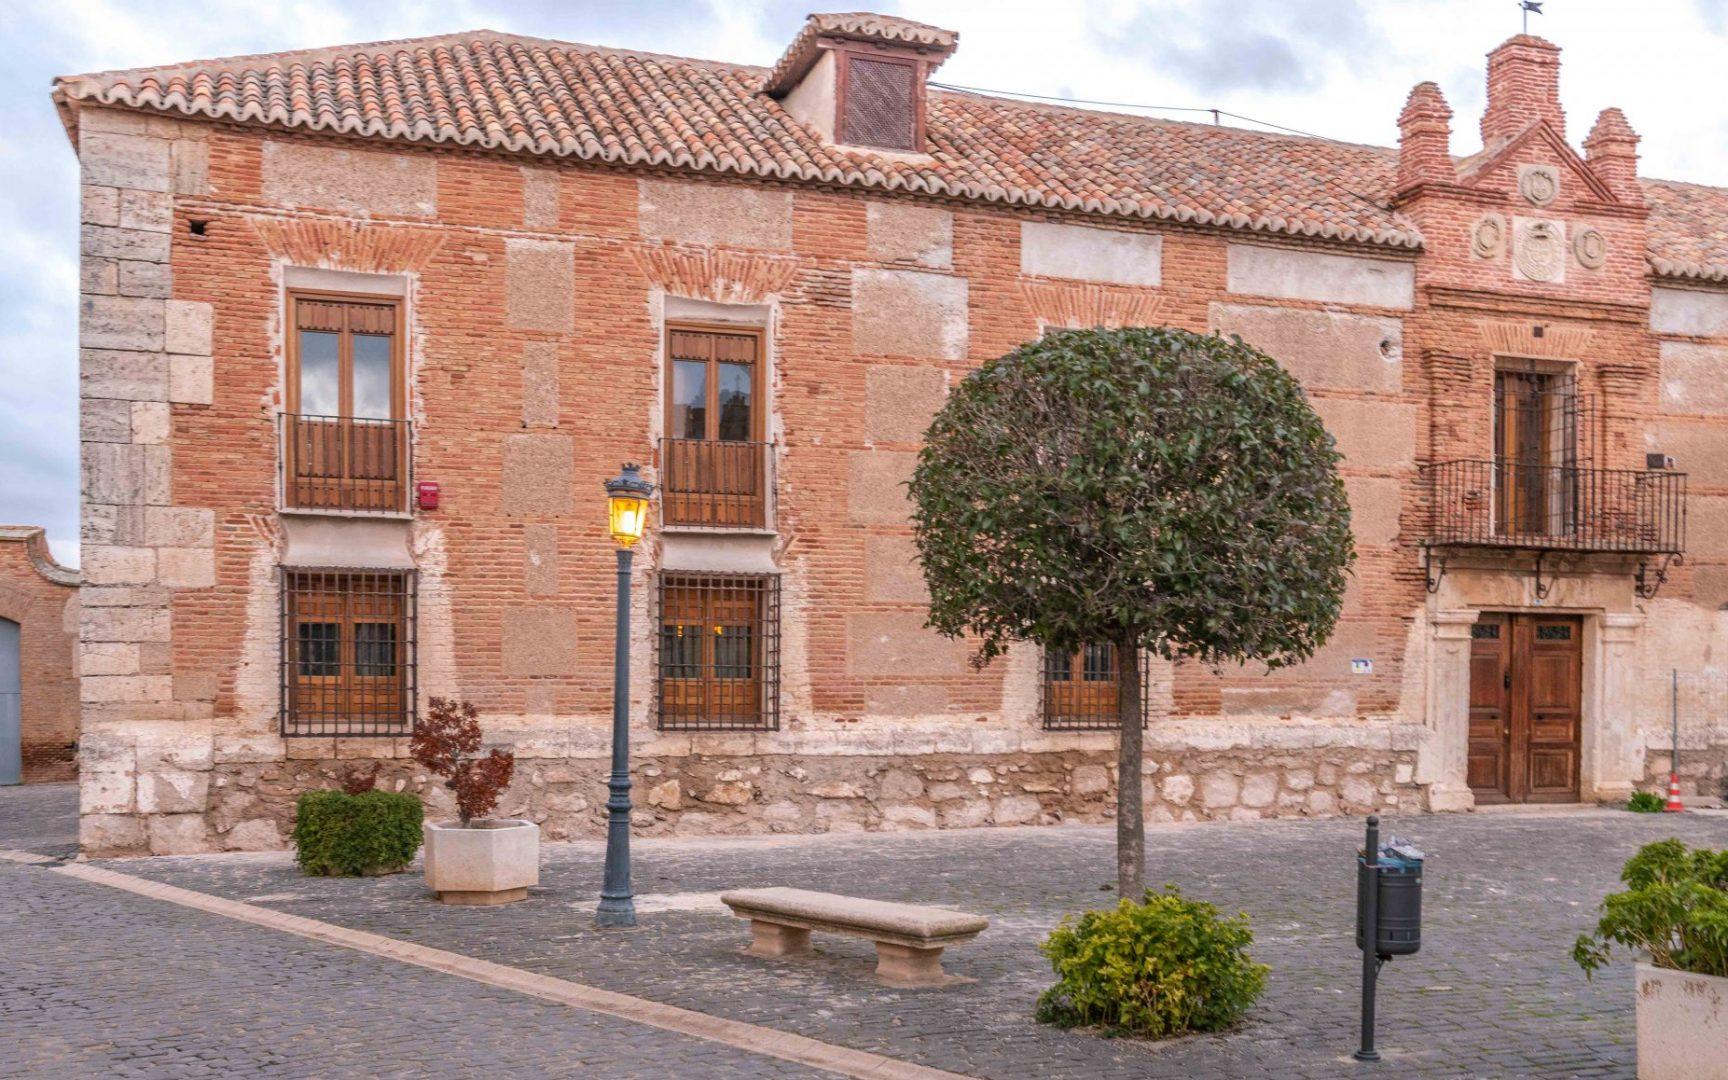 Palacio de Clavería